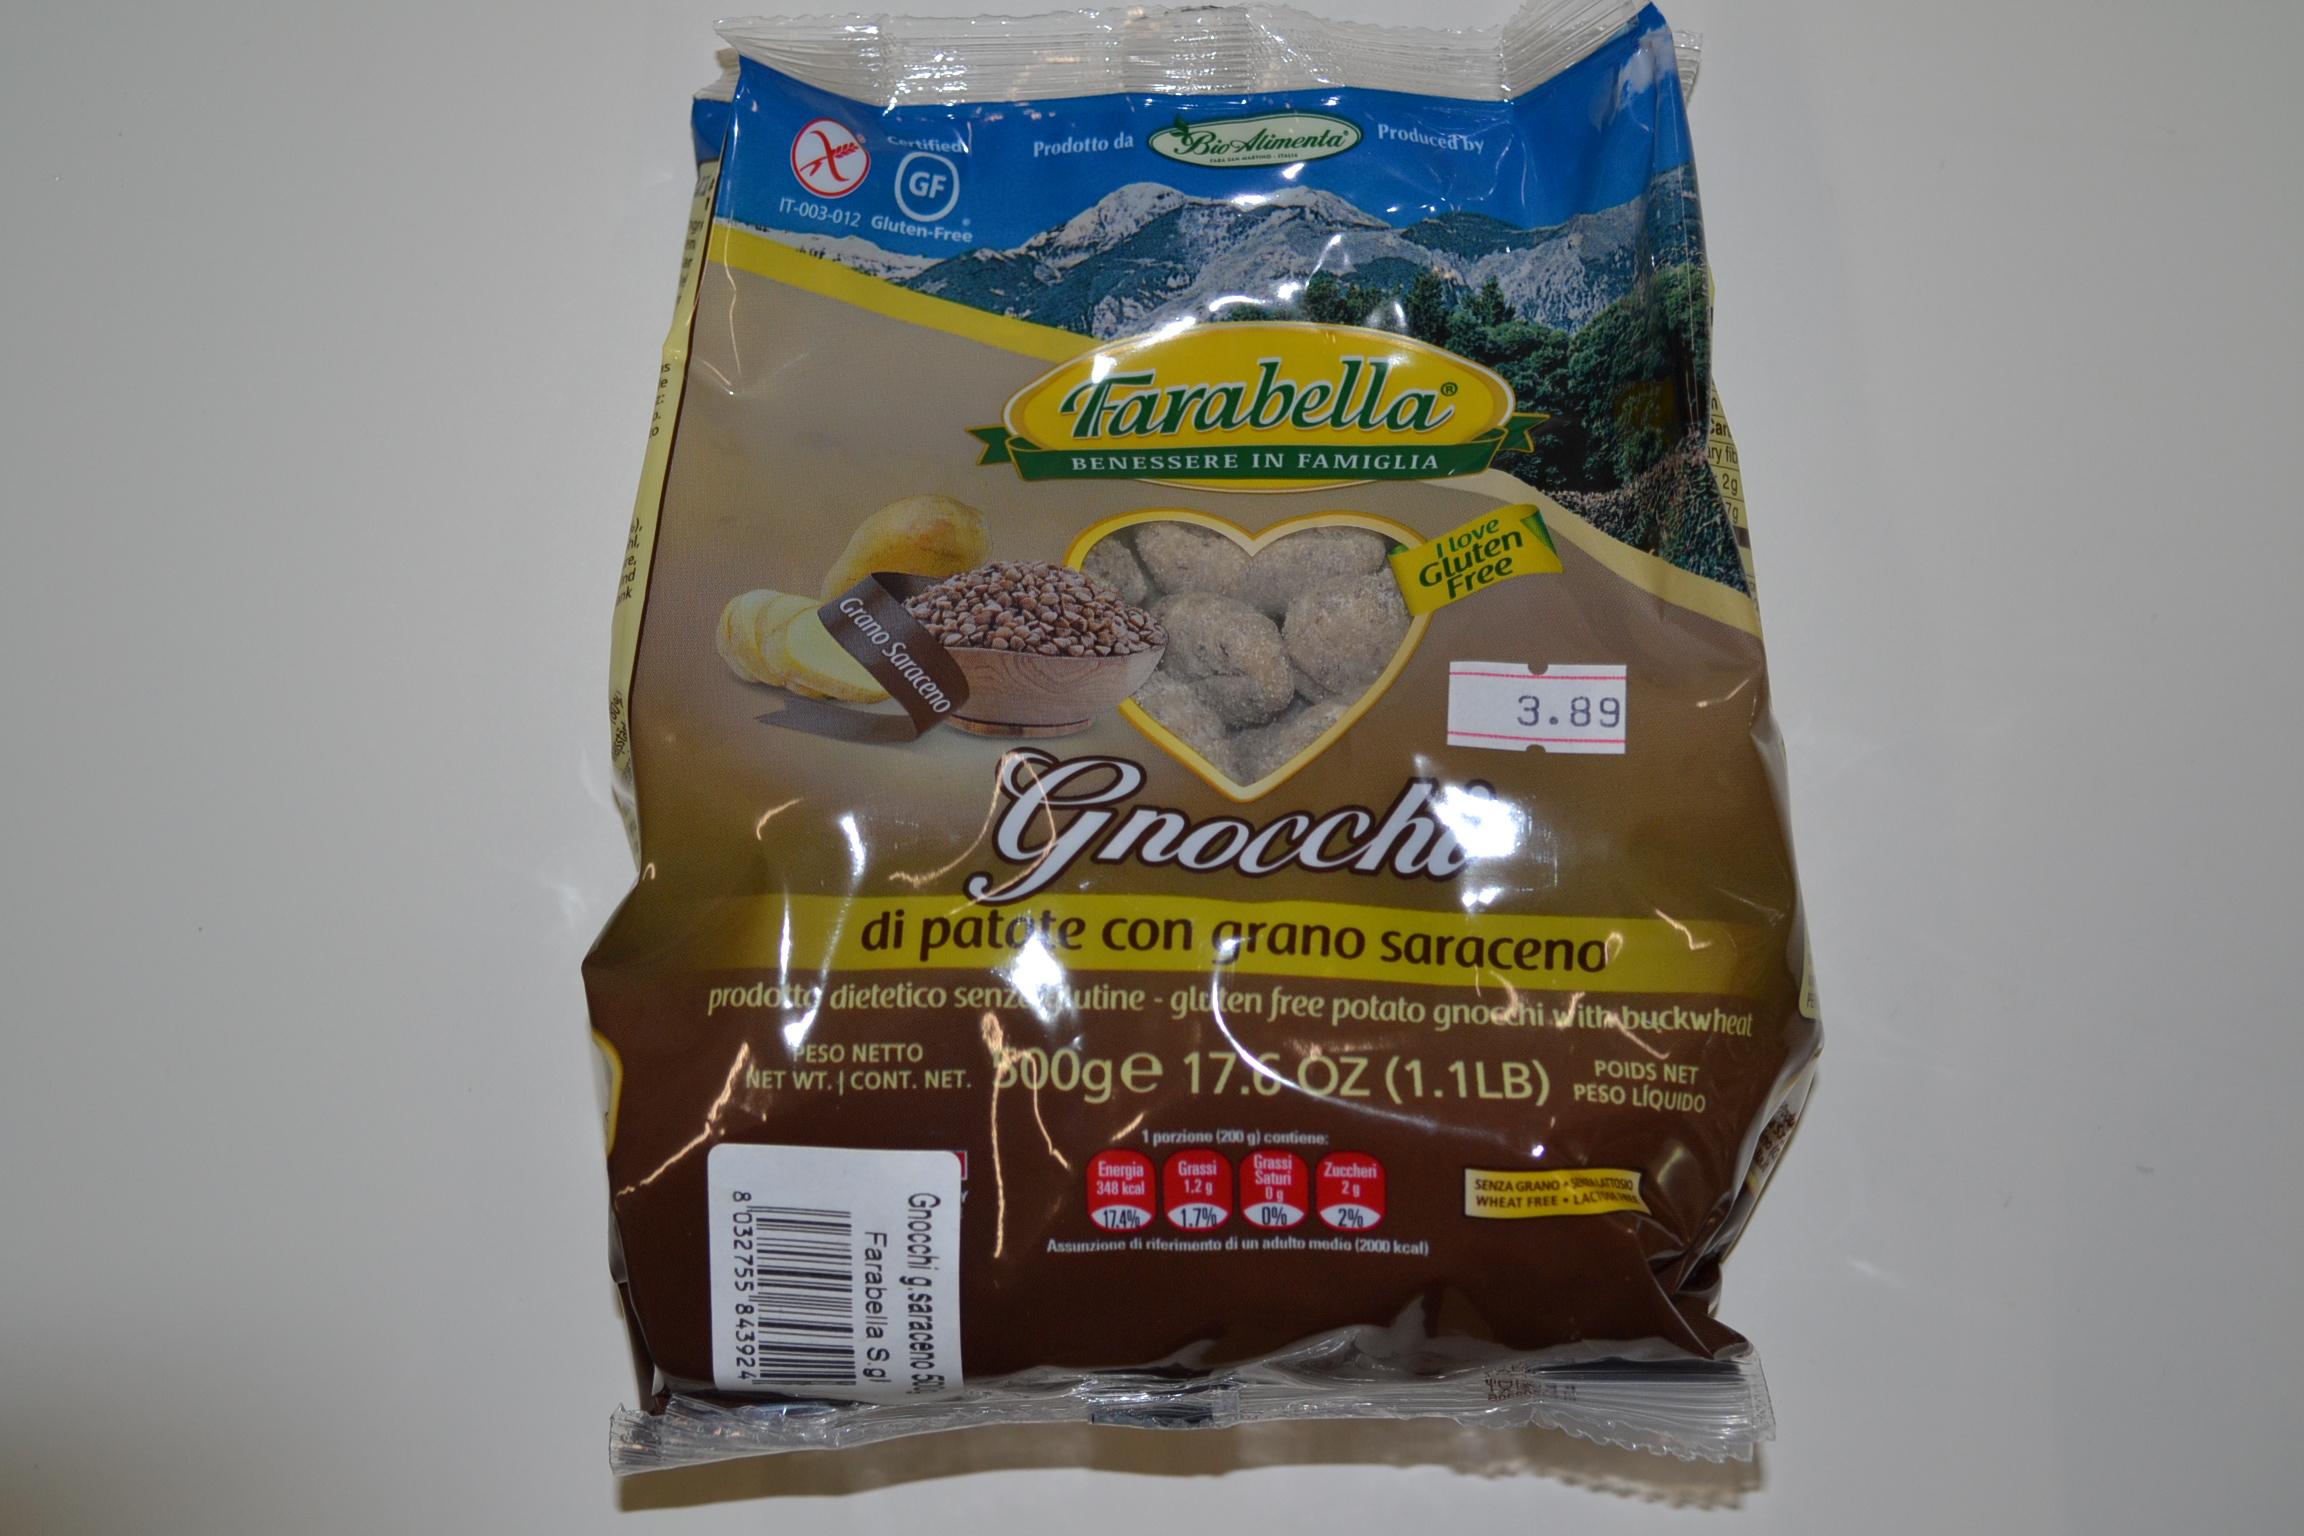 Gnocchi di patate con grano saraceno FARABELLA € 3,89